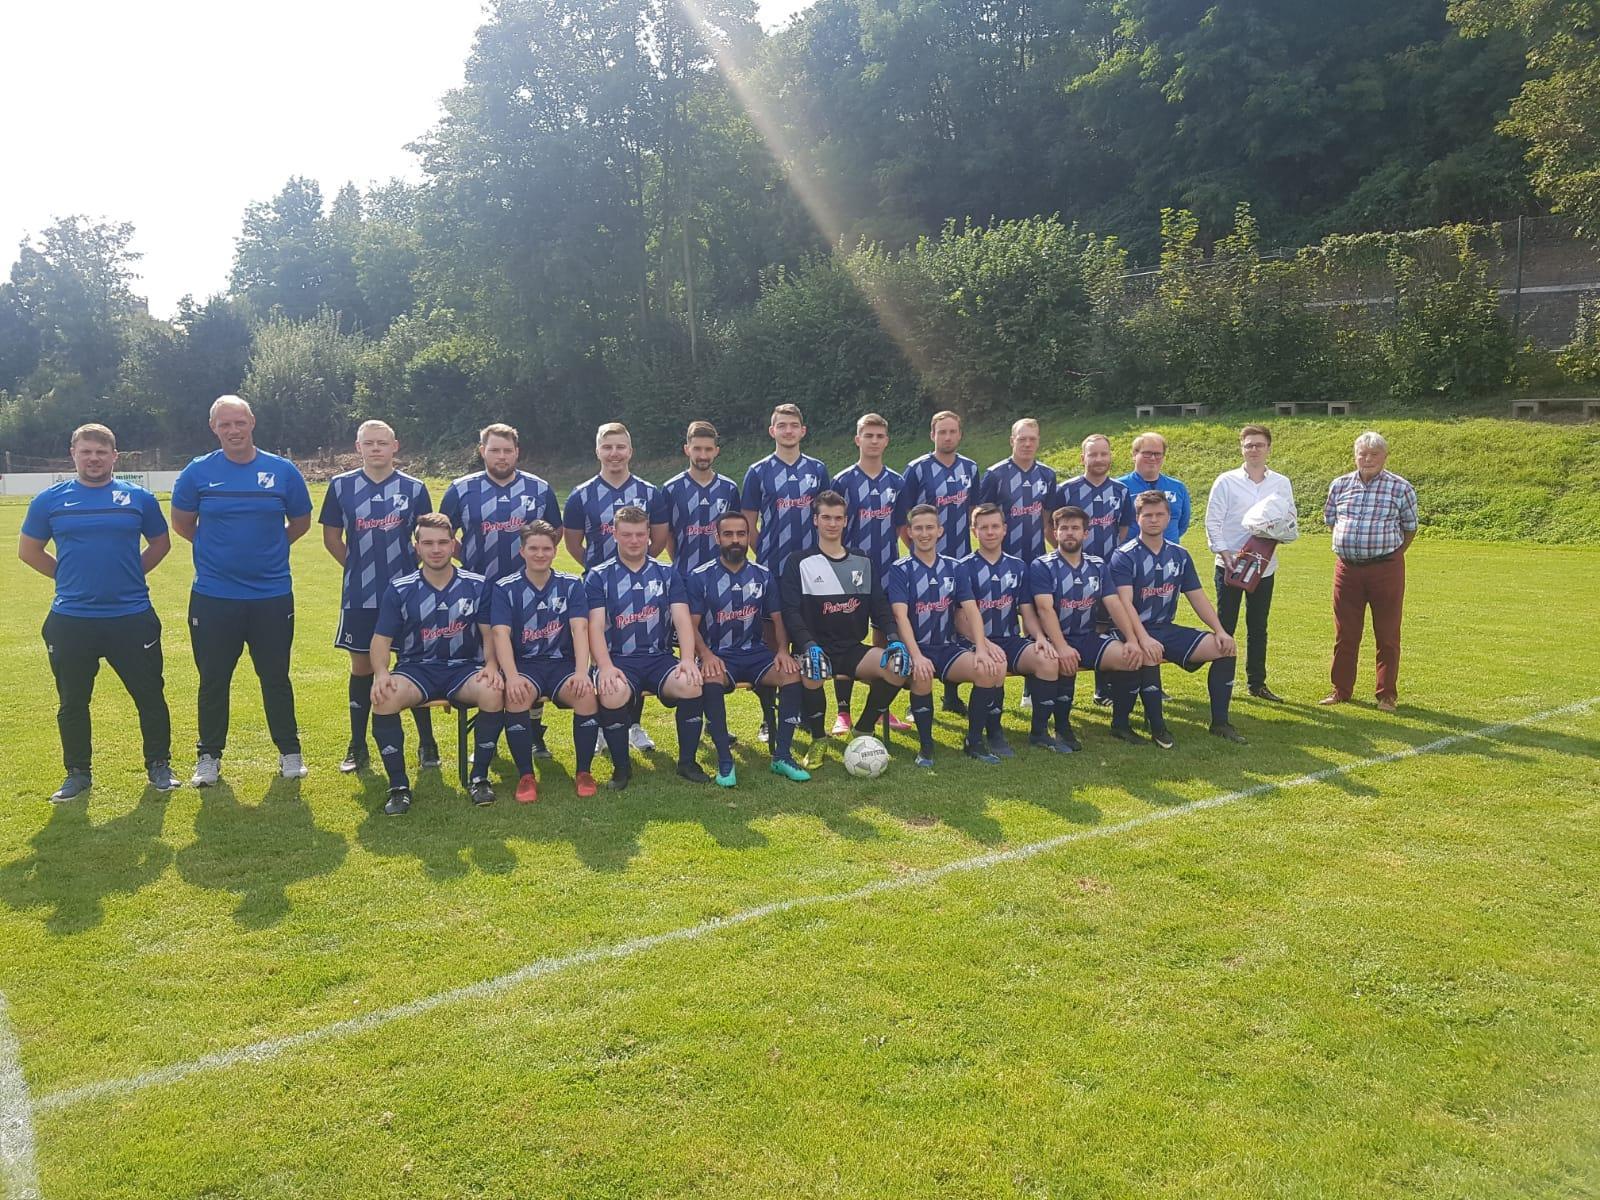 2020.09.13 SG Wesertal - Neuer Trikotsatz für die 1. Mannschaft (1)